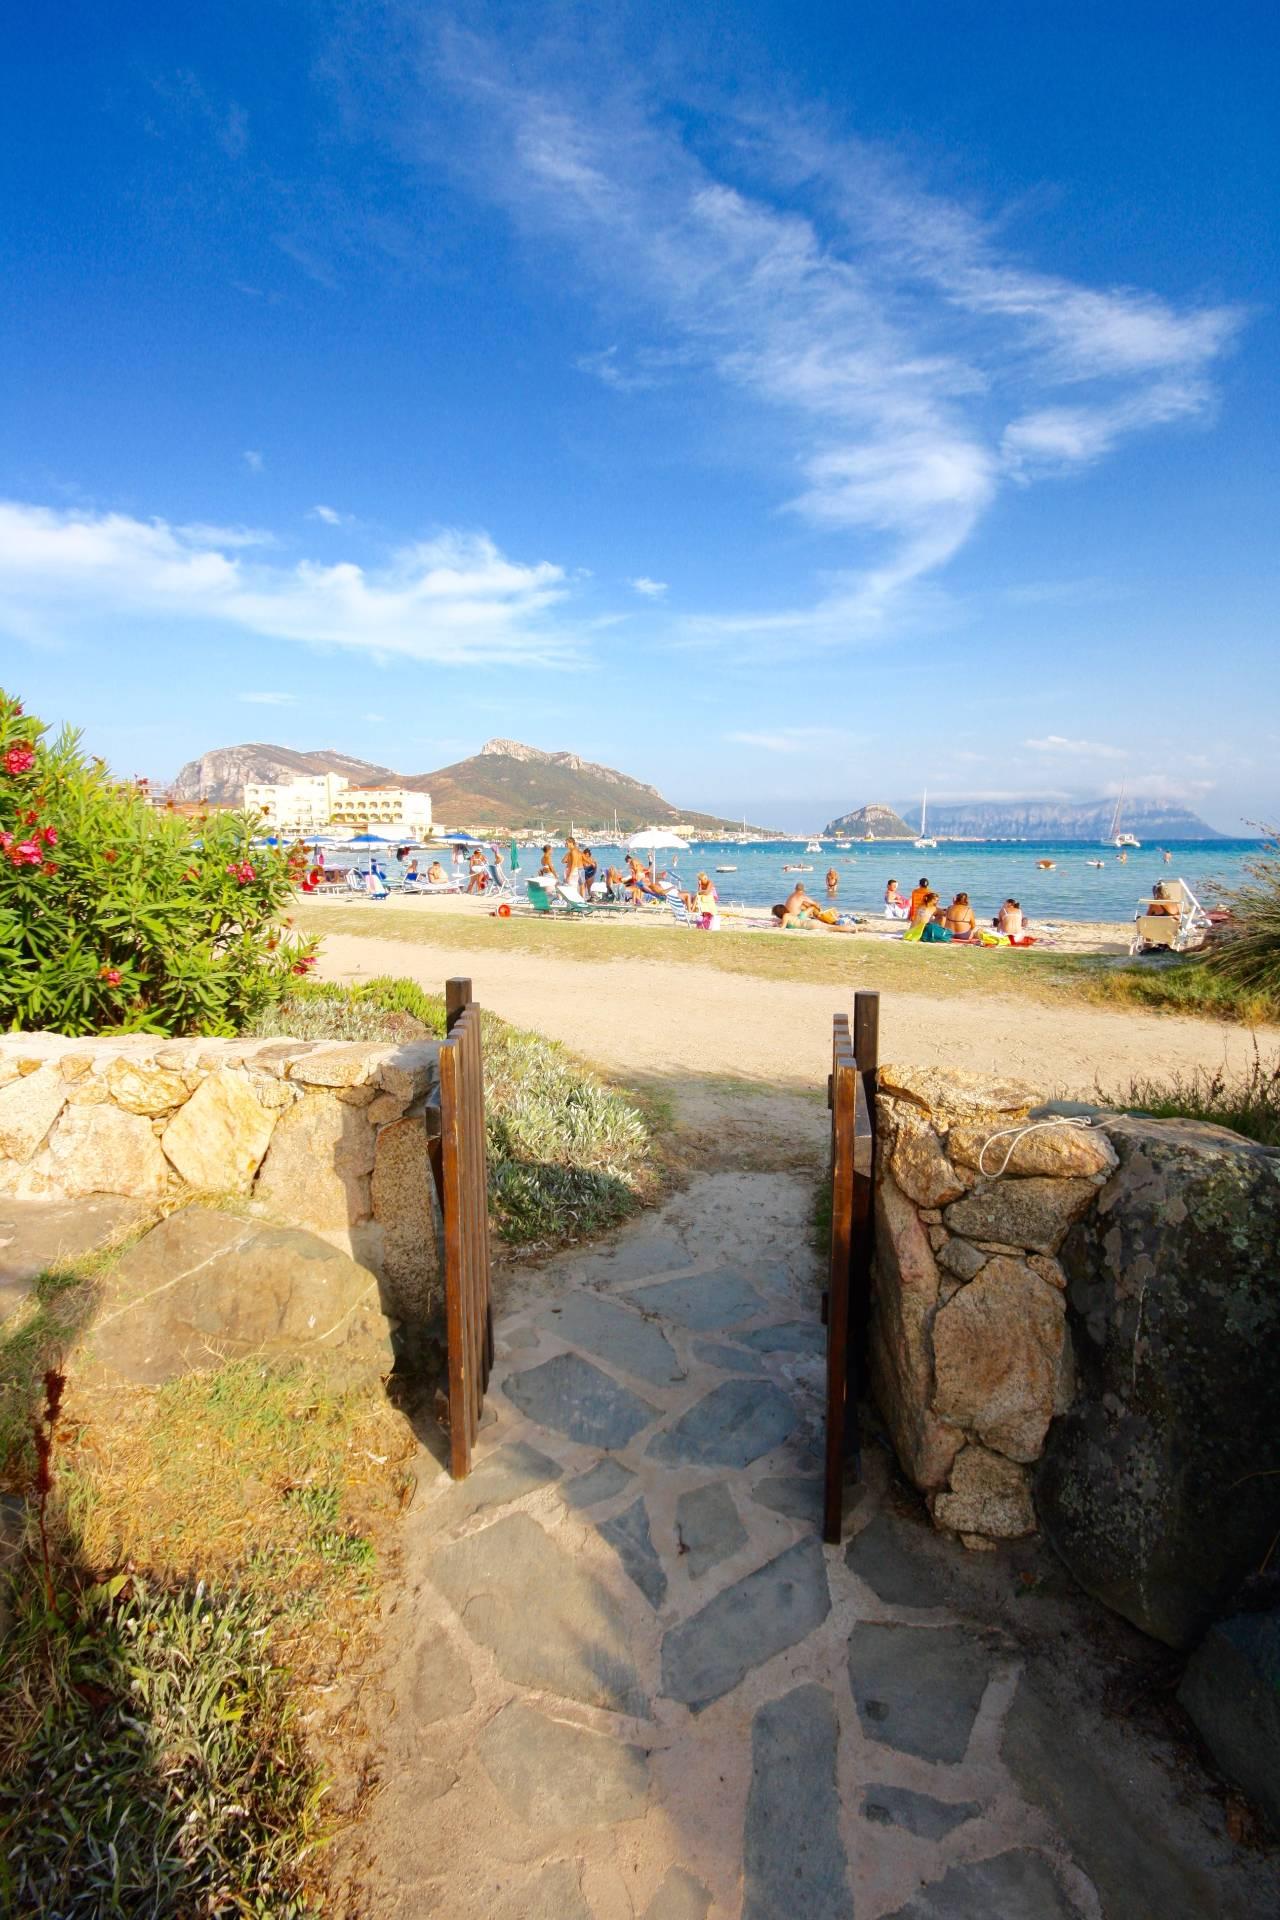 Appartamento in vendita a Golfo Aranci, 3 locali, zona Località: PAESE, prezzo € 280.000 | CambioCasa.it